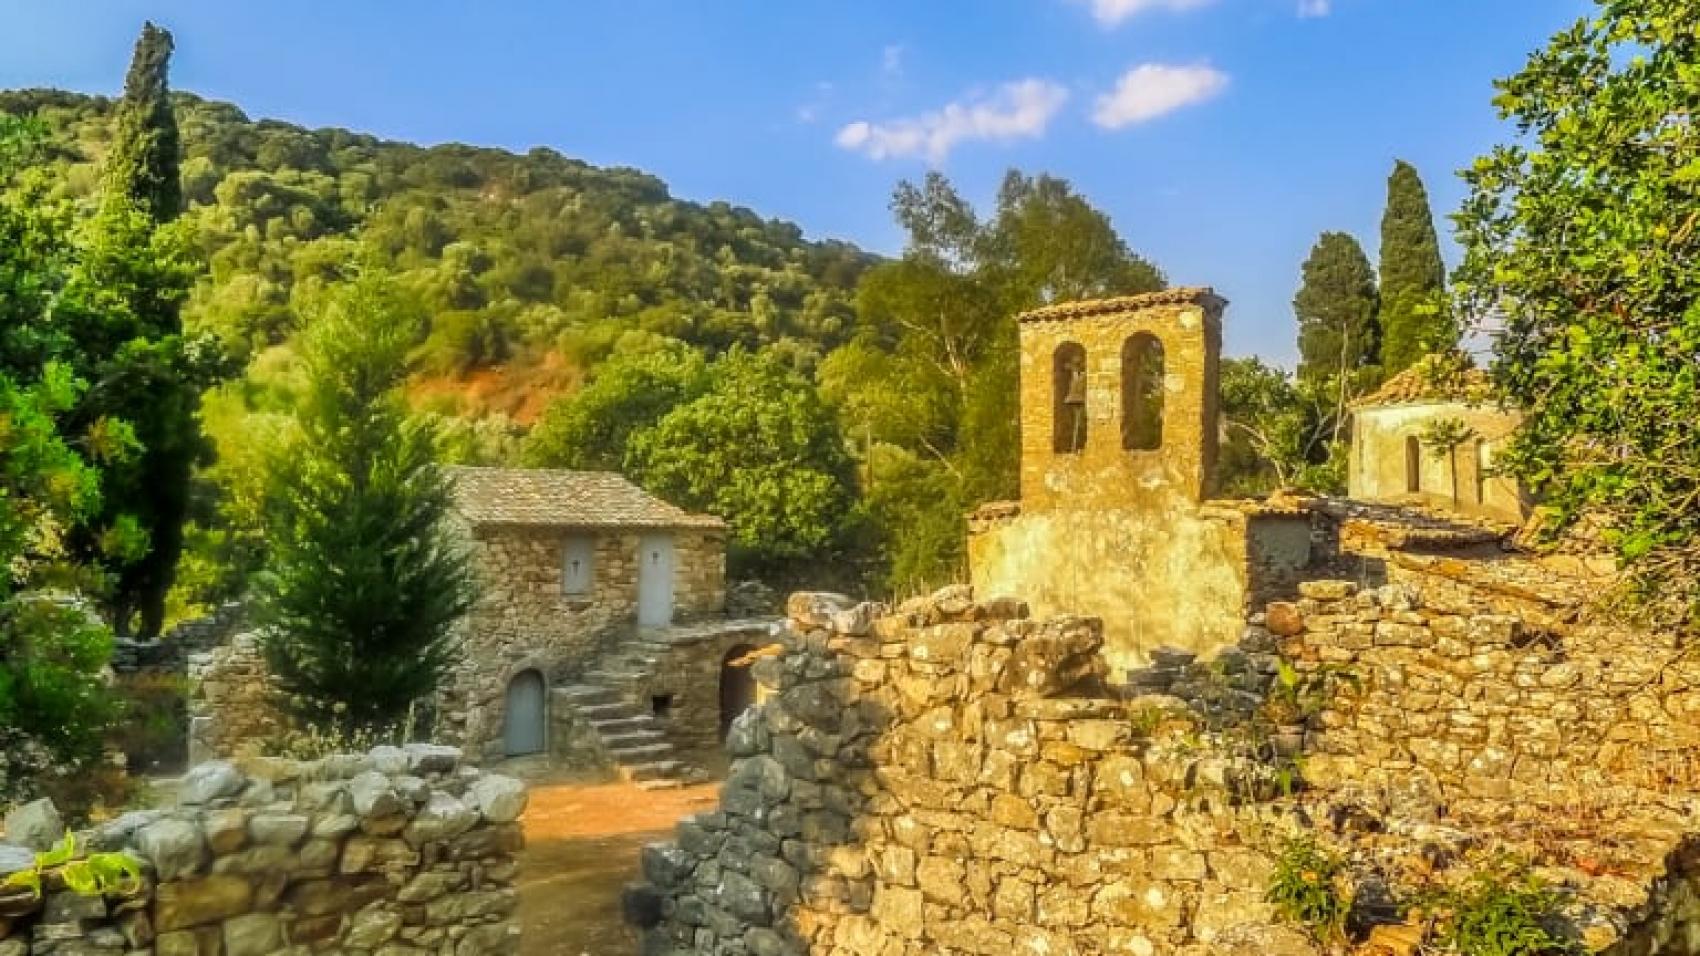 Agios Theodoris Monastery (Grivitsanis Monastery) - Chomatero